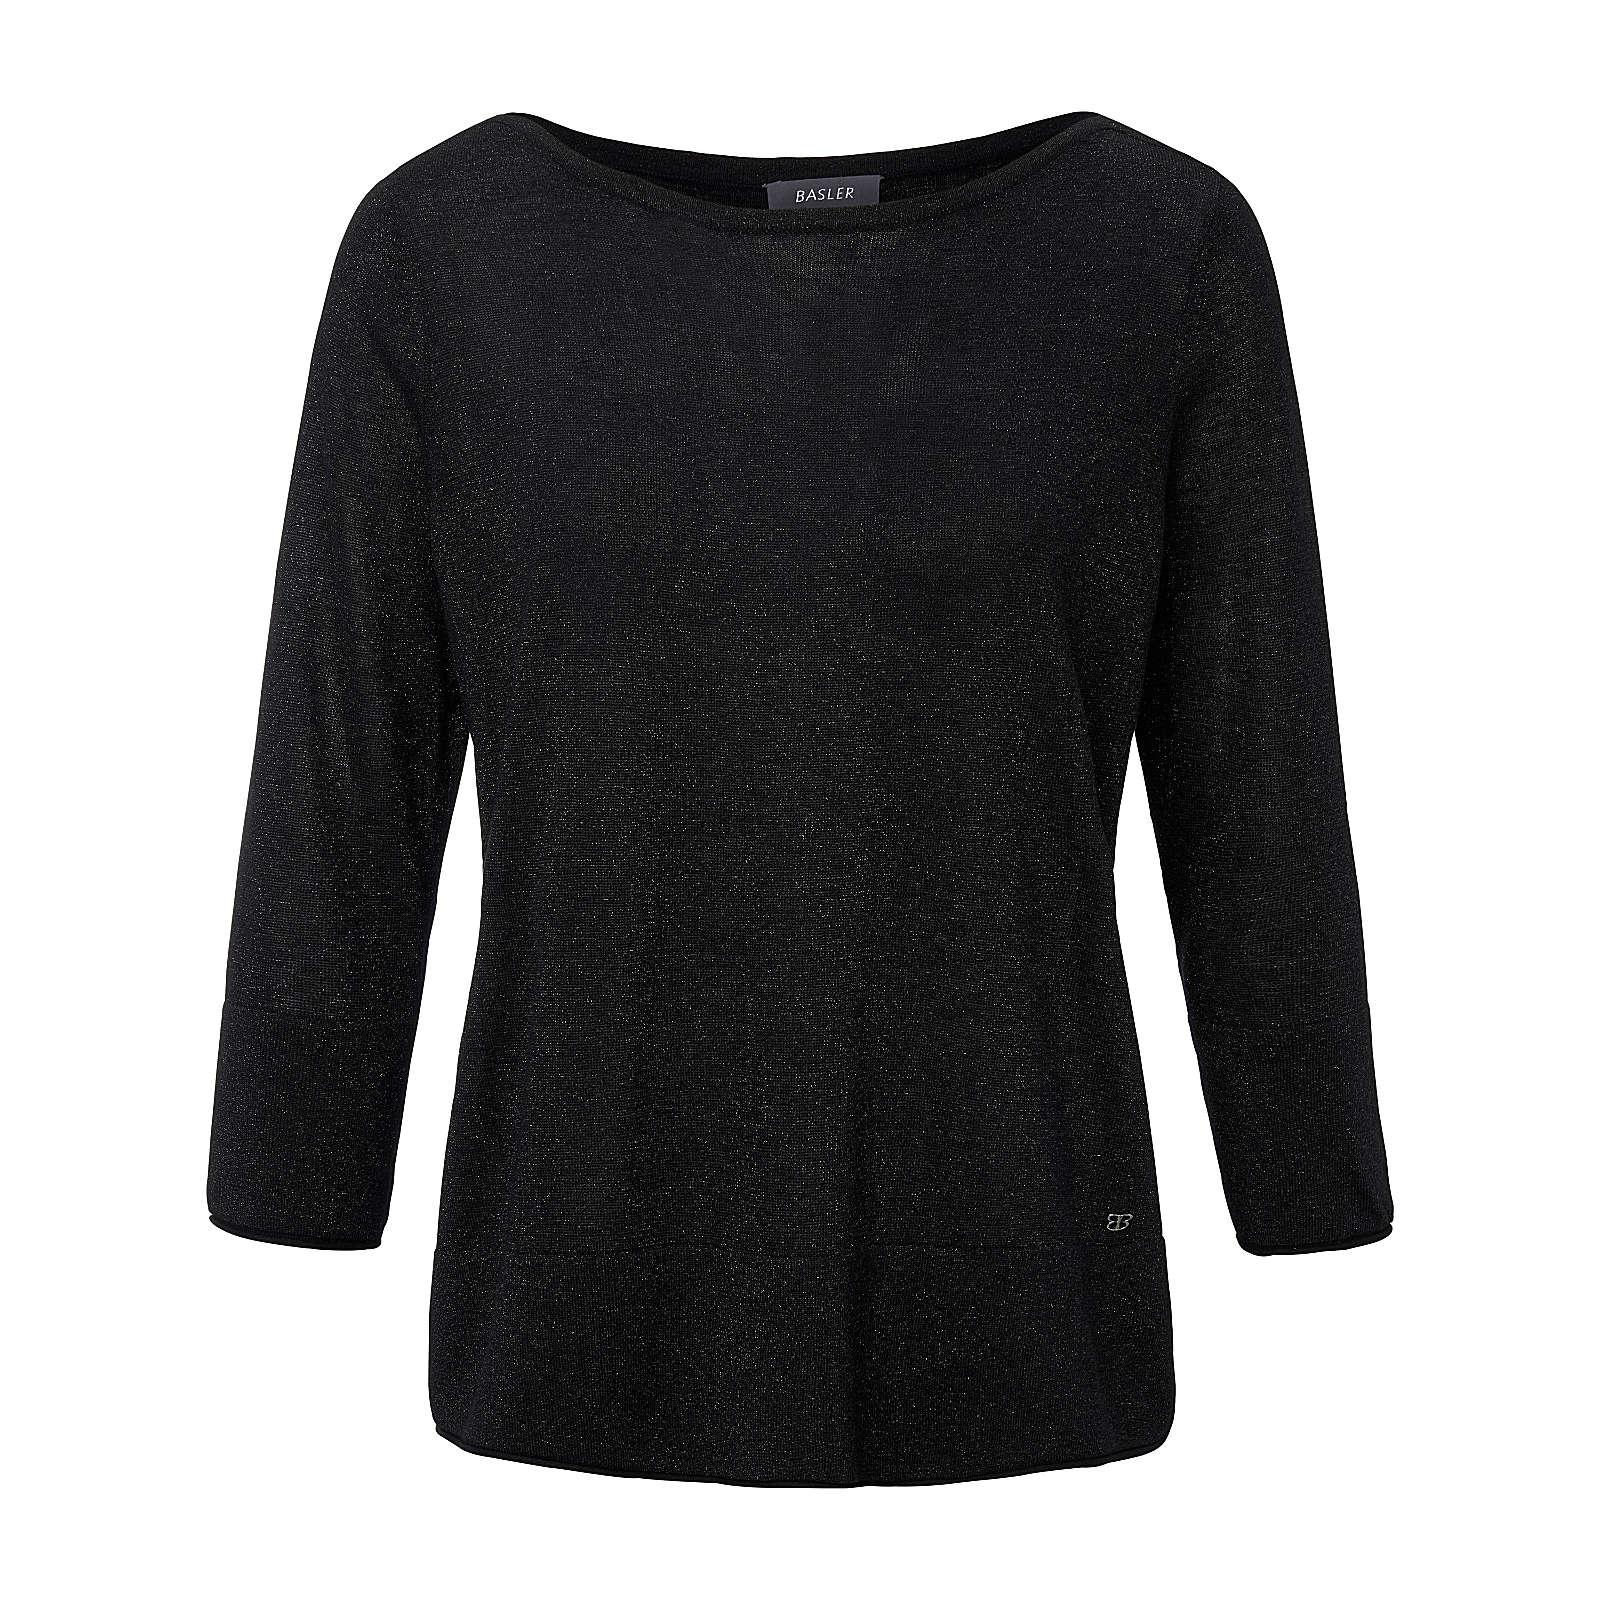 BASLER Rundhals-Pullover Rundhals-Pullover mit 3/4-Arm Pullover schwarz Damen Gr. 50